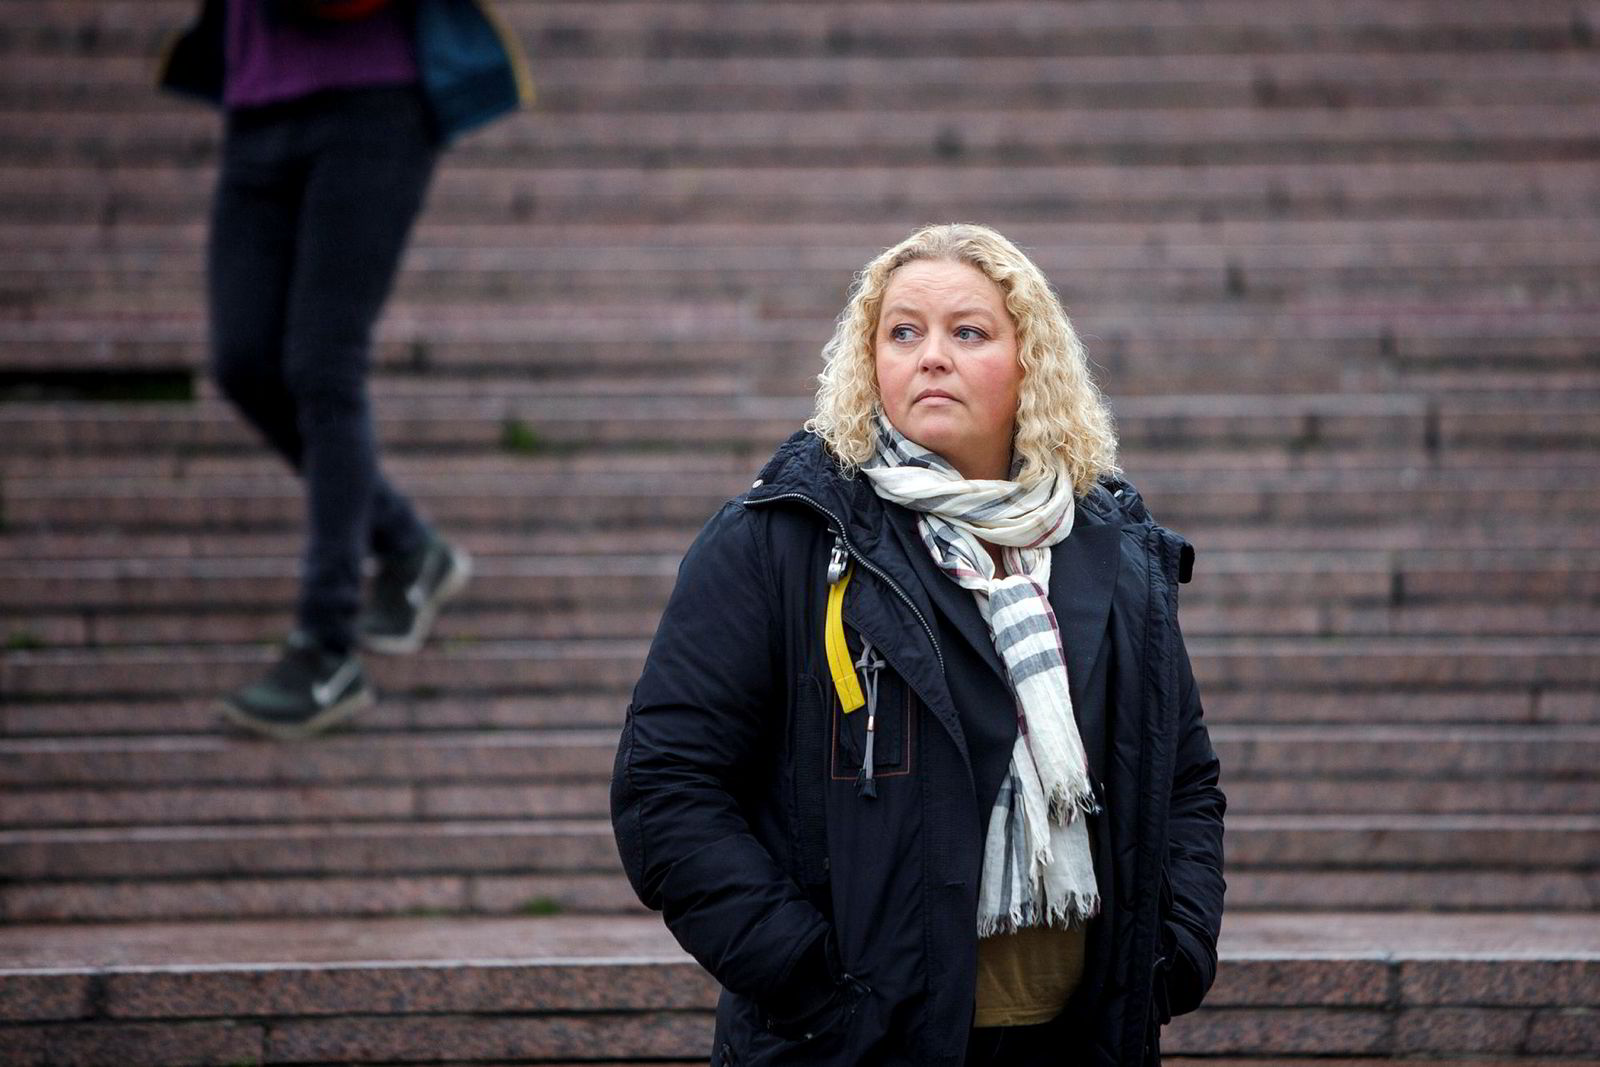 Gry Monica Engen opplevde å bli truet med anmeldelse og å få arbeidsgiveren oppringt fordi hun kom med kritisk tilbakemelding til en kommersiell samarbeidspartner.